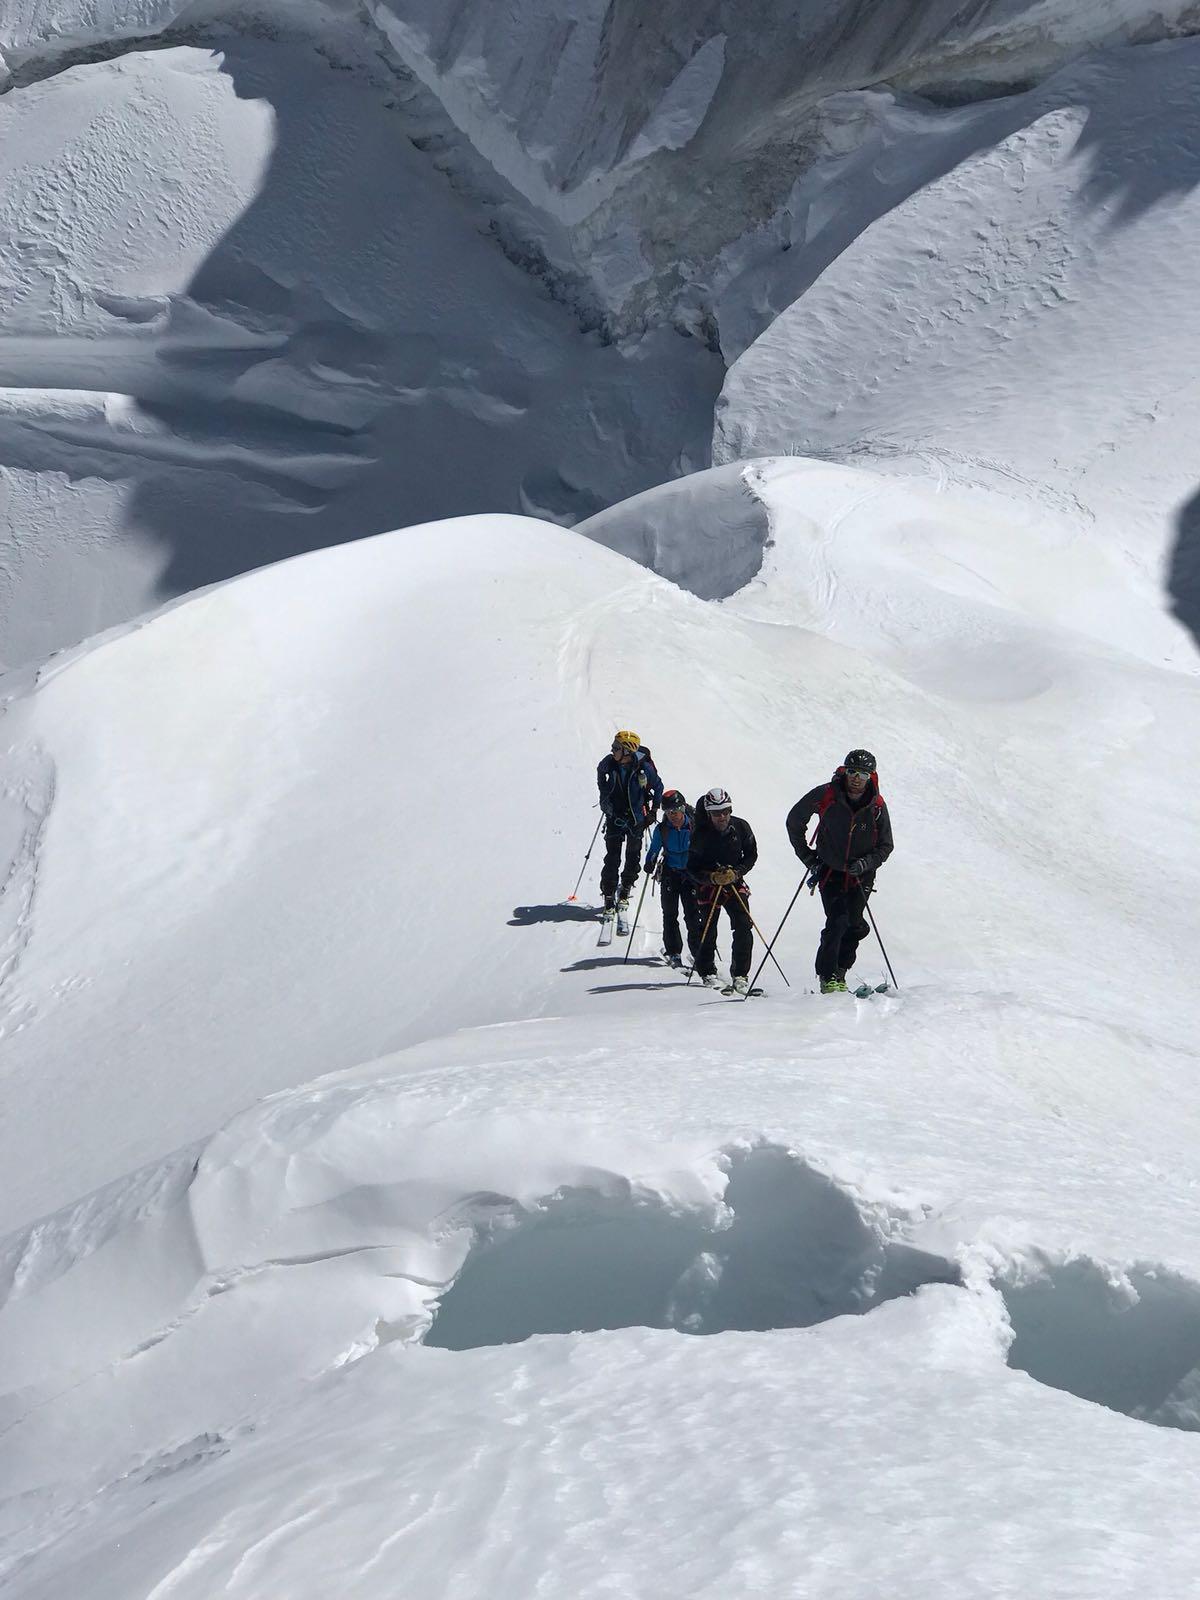 Un po' di sci alpinismo….!